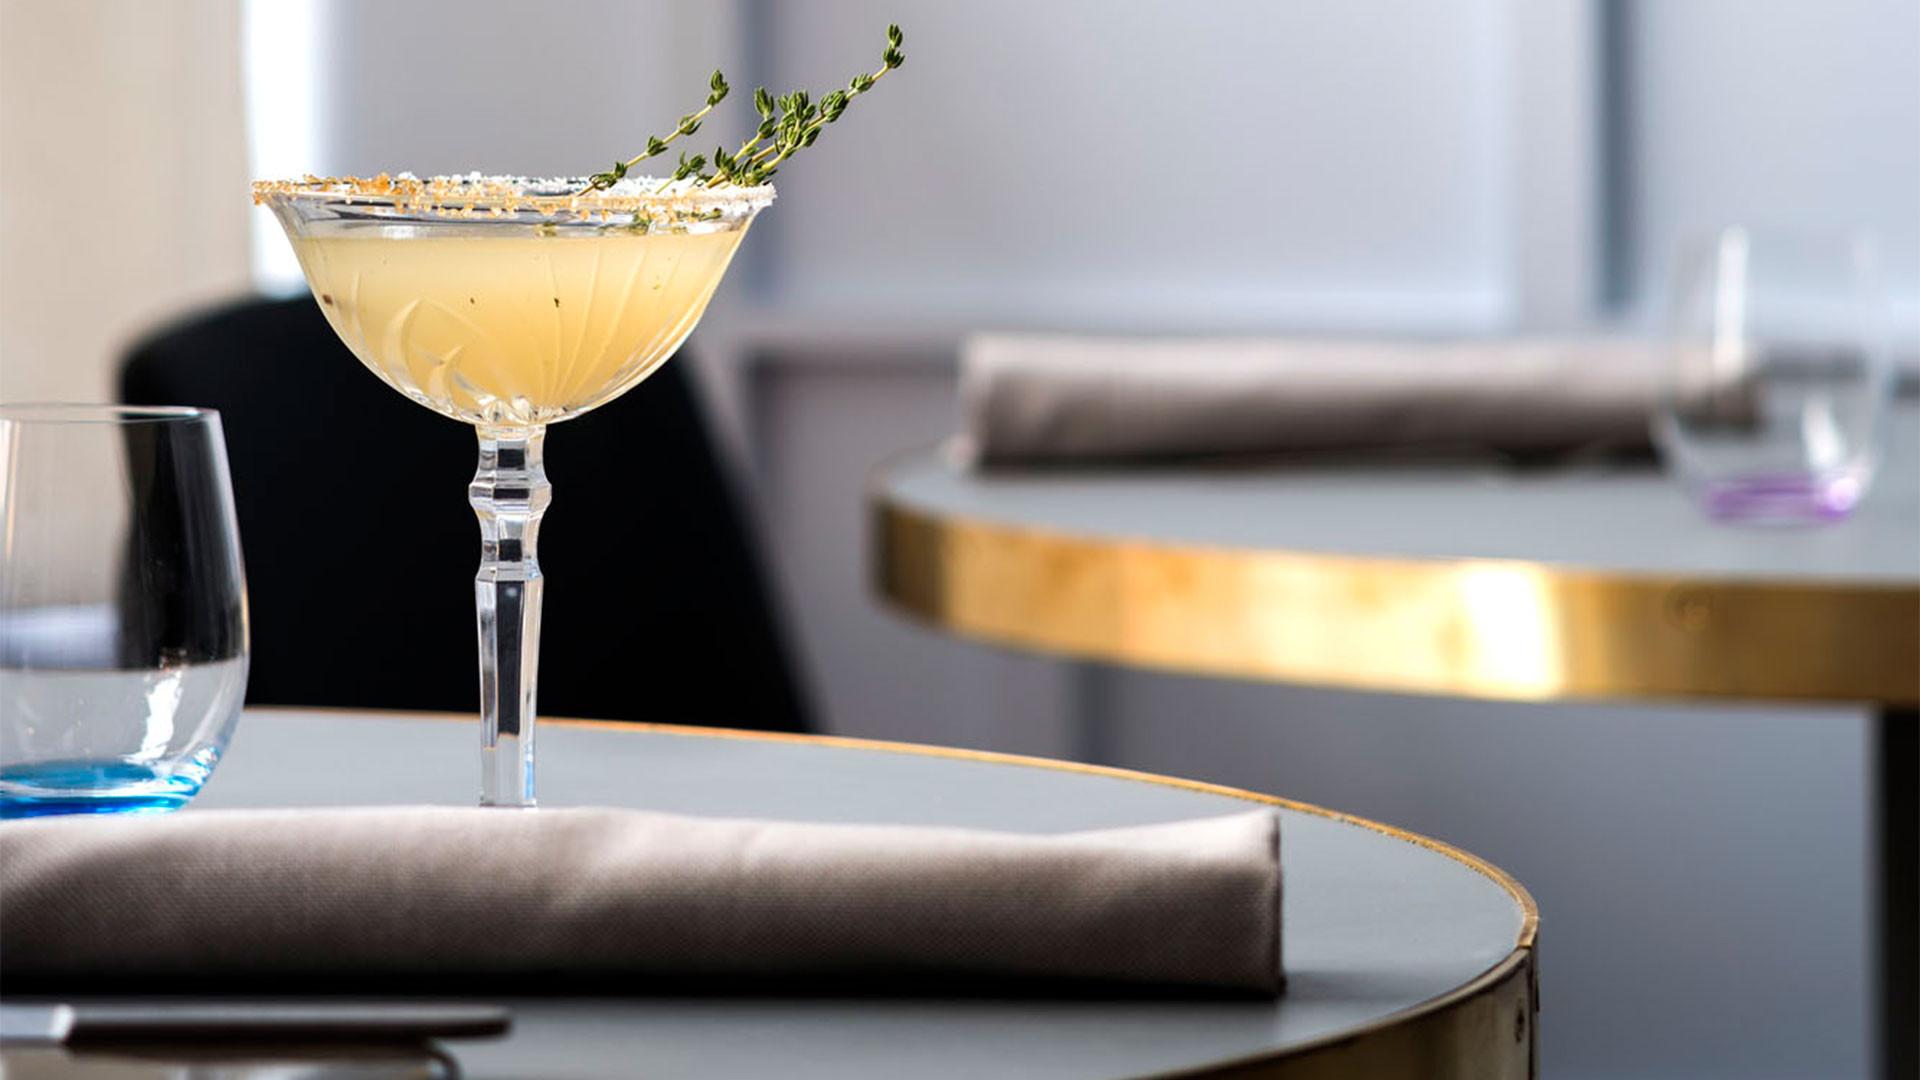 Oriental lady cocktail from Rigo